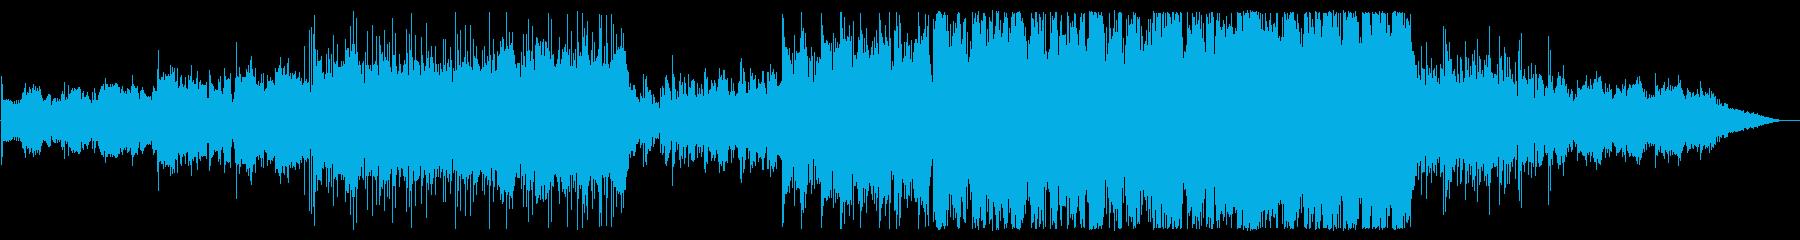 メランコリックで切ないエレクトロニカ風の再生済みの波形